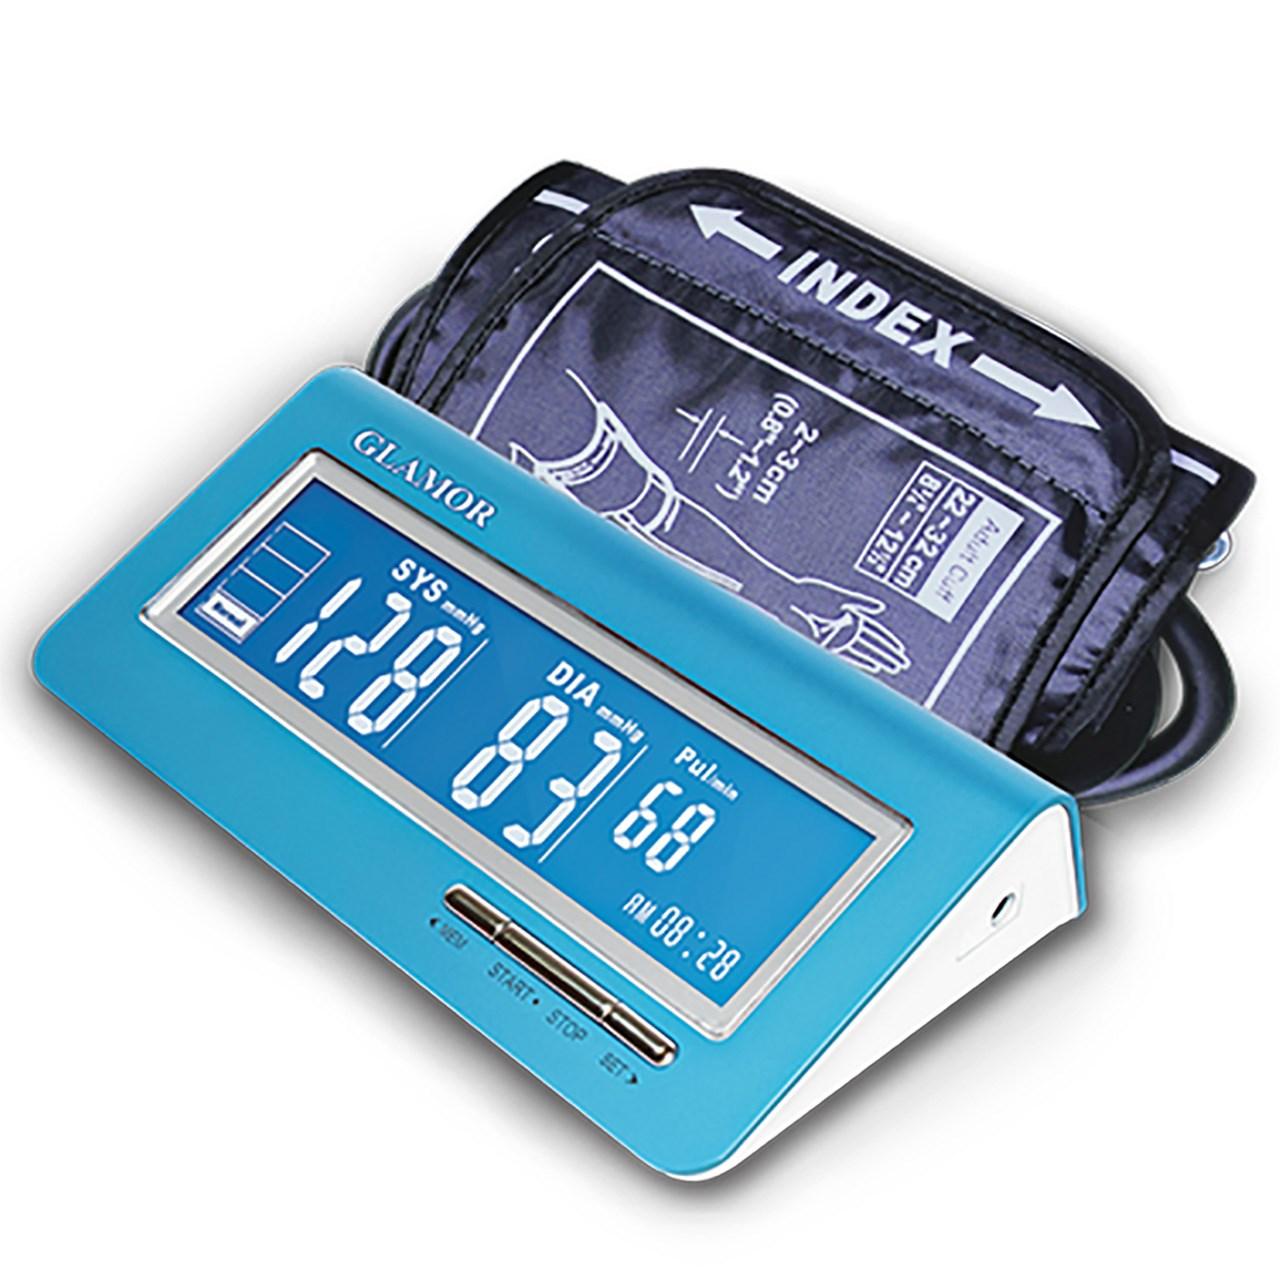 فشارسنج بازویی دیجیتال گلامور مدل TMB1018 | Glamor TMB1018 Digital Blood Pressure Monitor